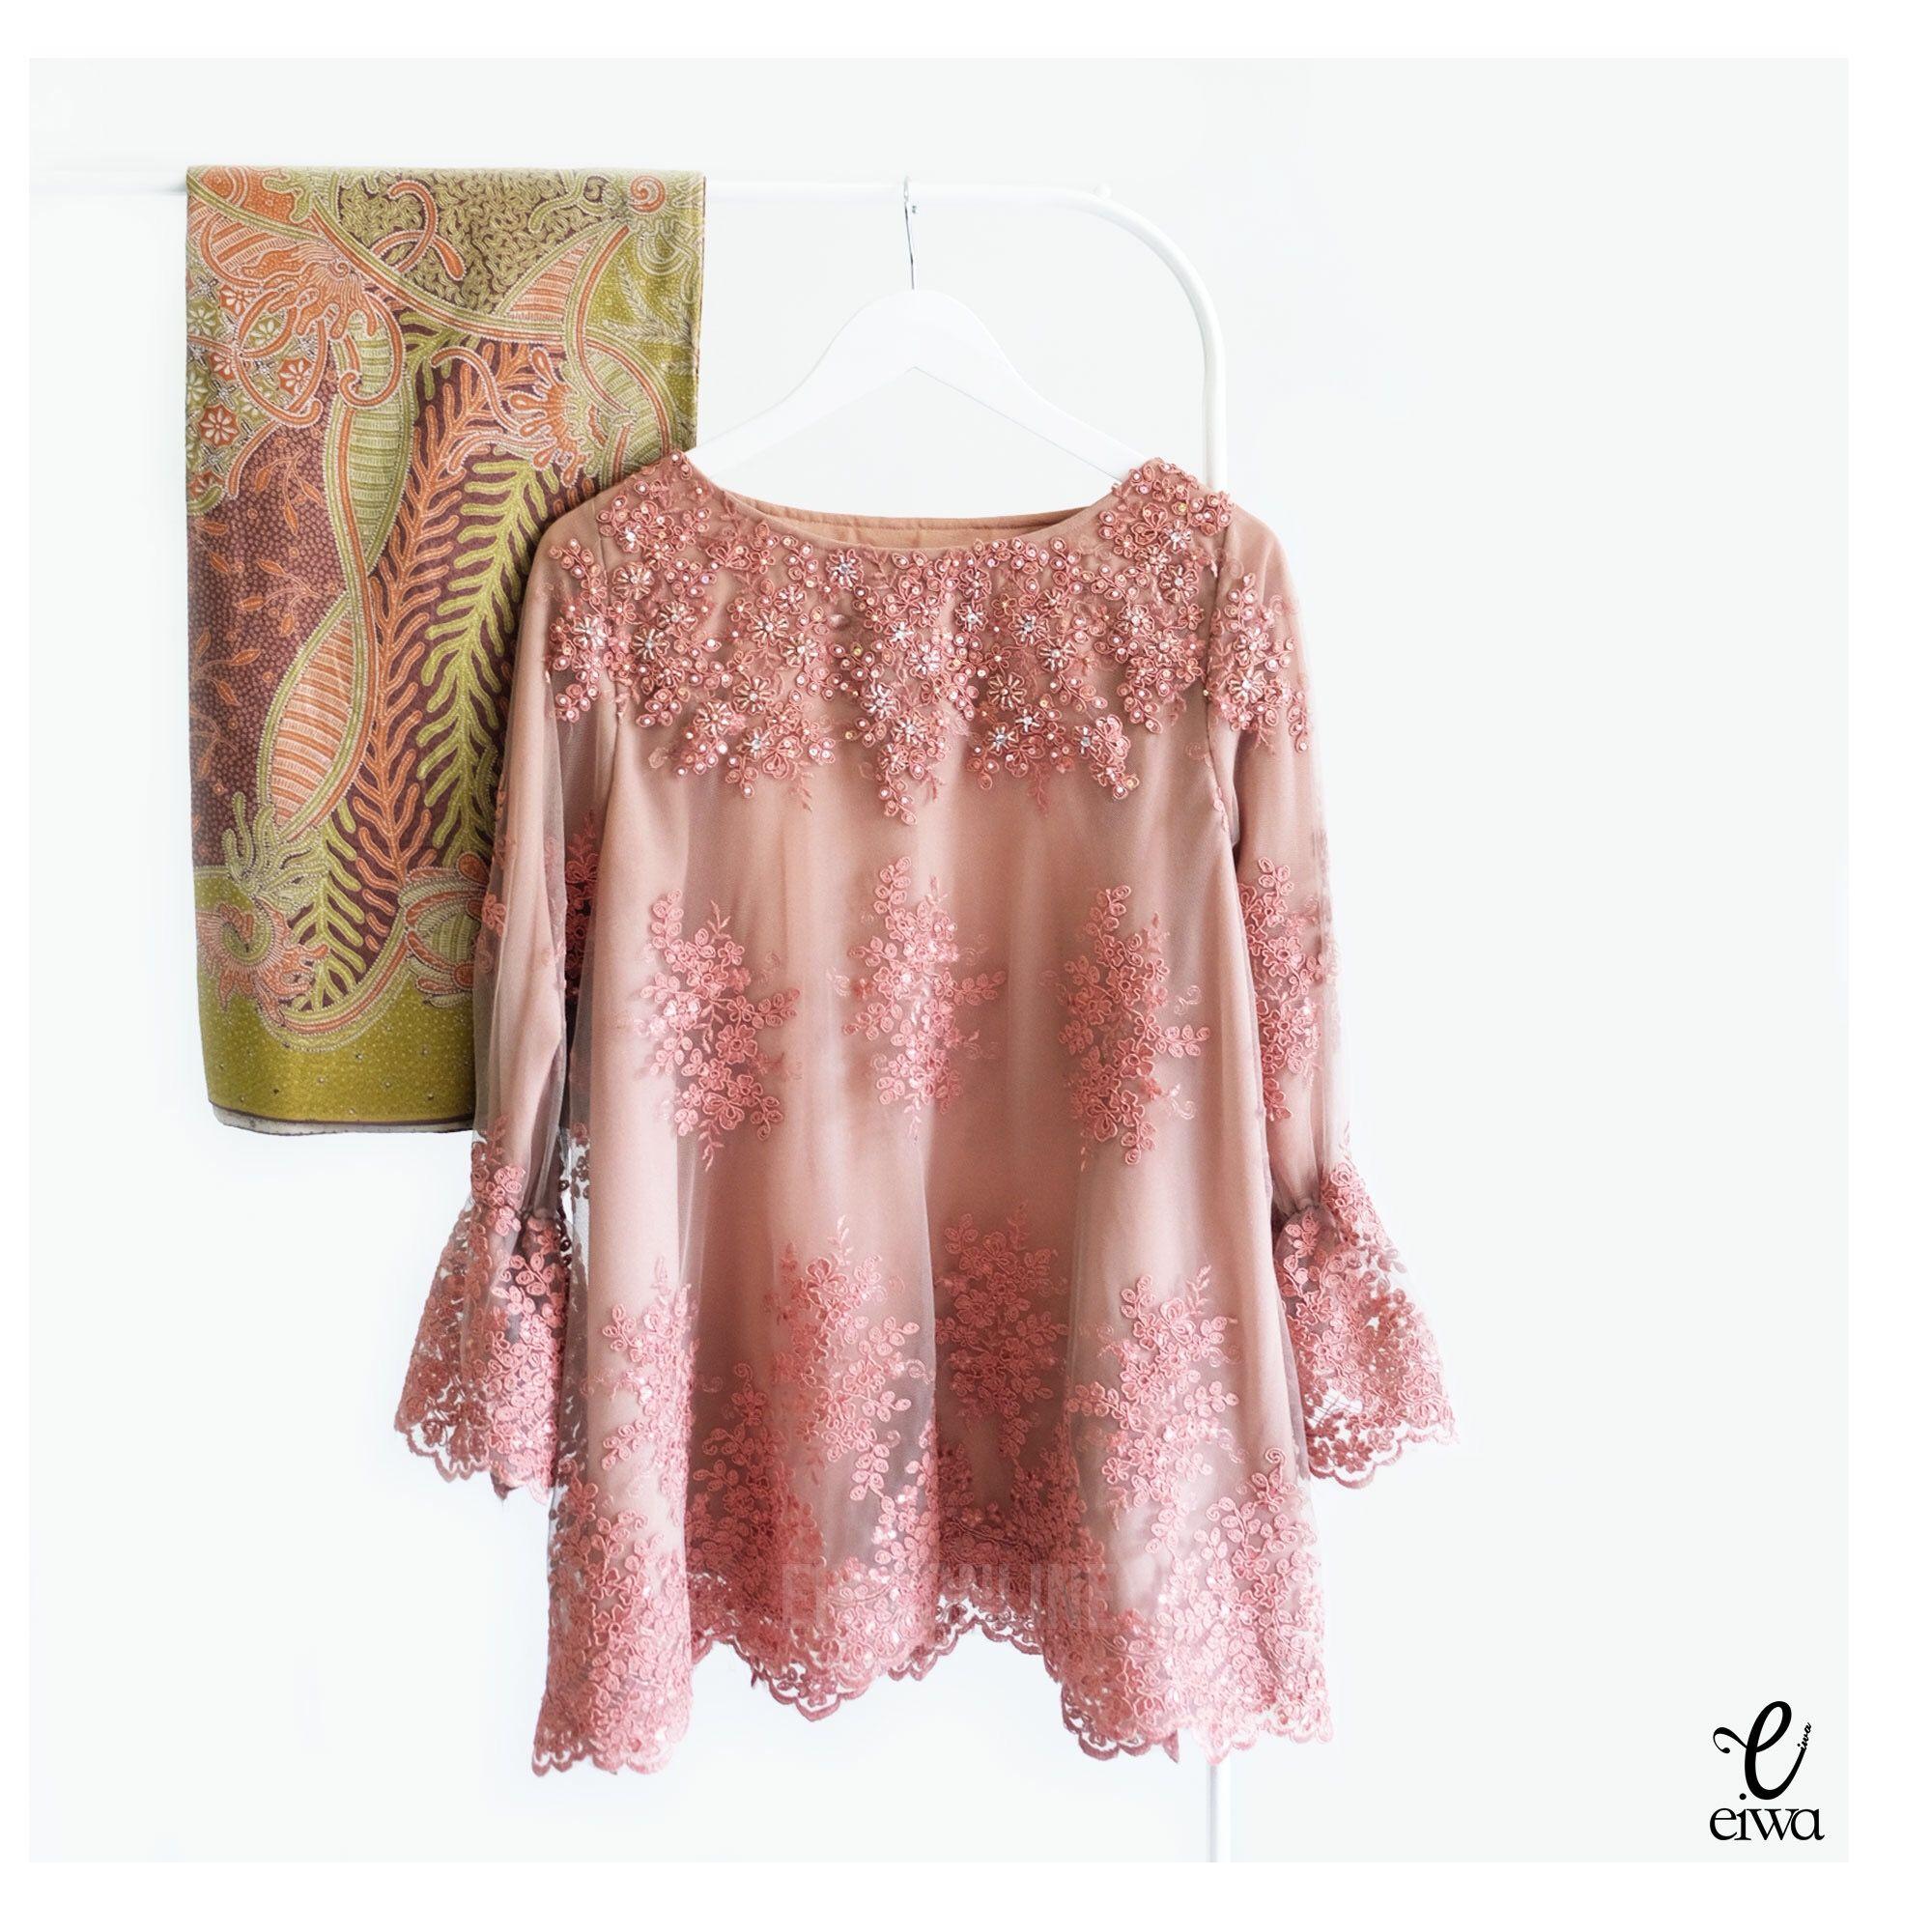 Kebaya Indonesia Modern Lace Top Brokat Cornelly Tulle Tile Long Sleeve Baju Bodo Ig